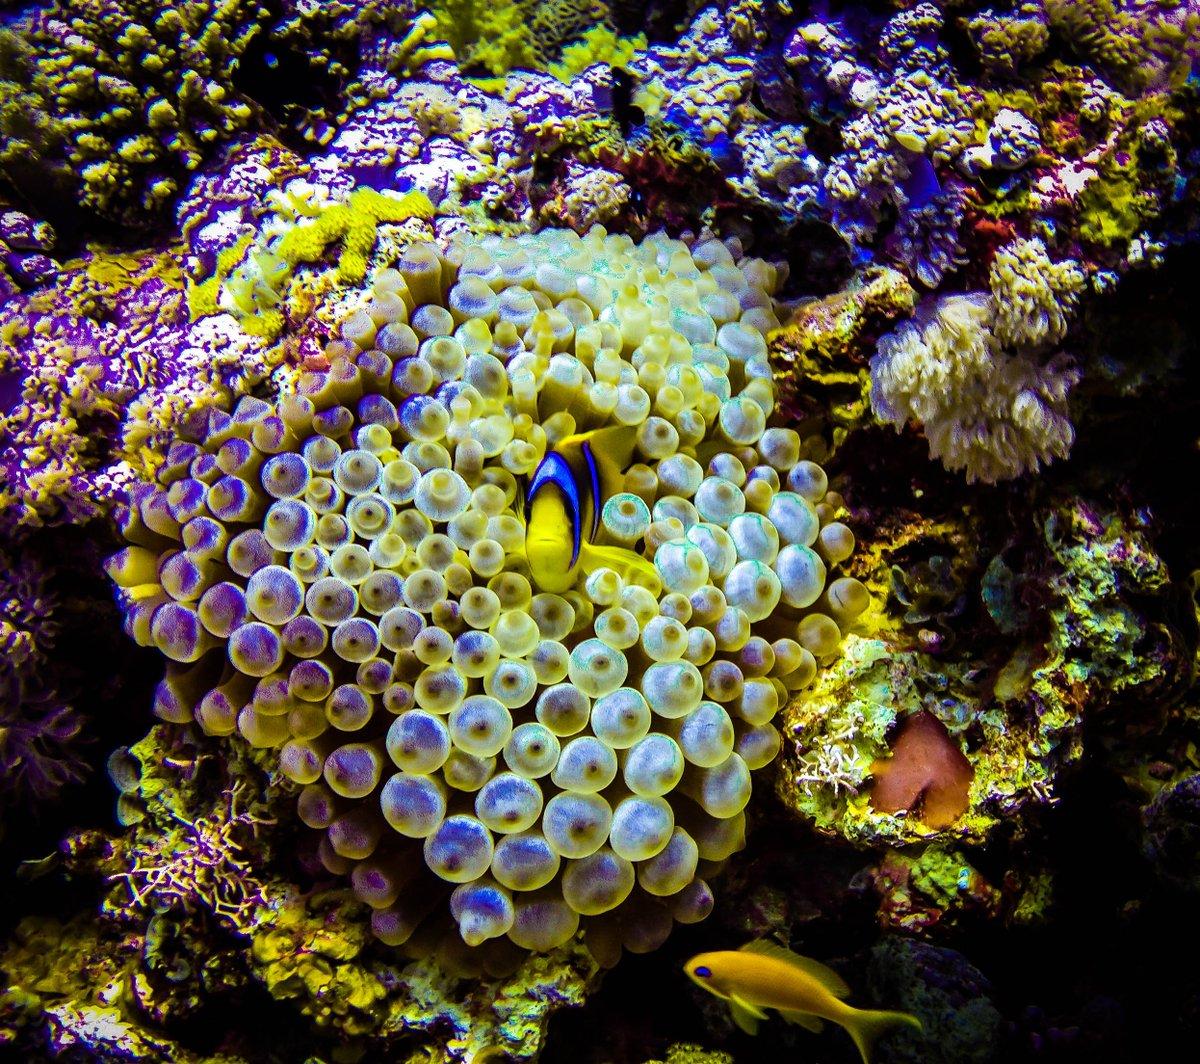 art of s diving theartofs twitter art of s diving followed